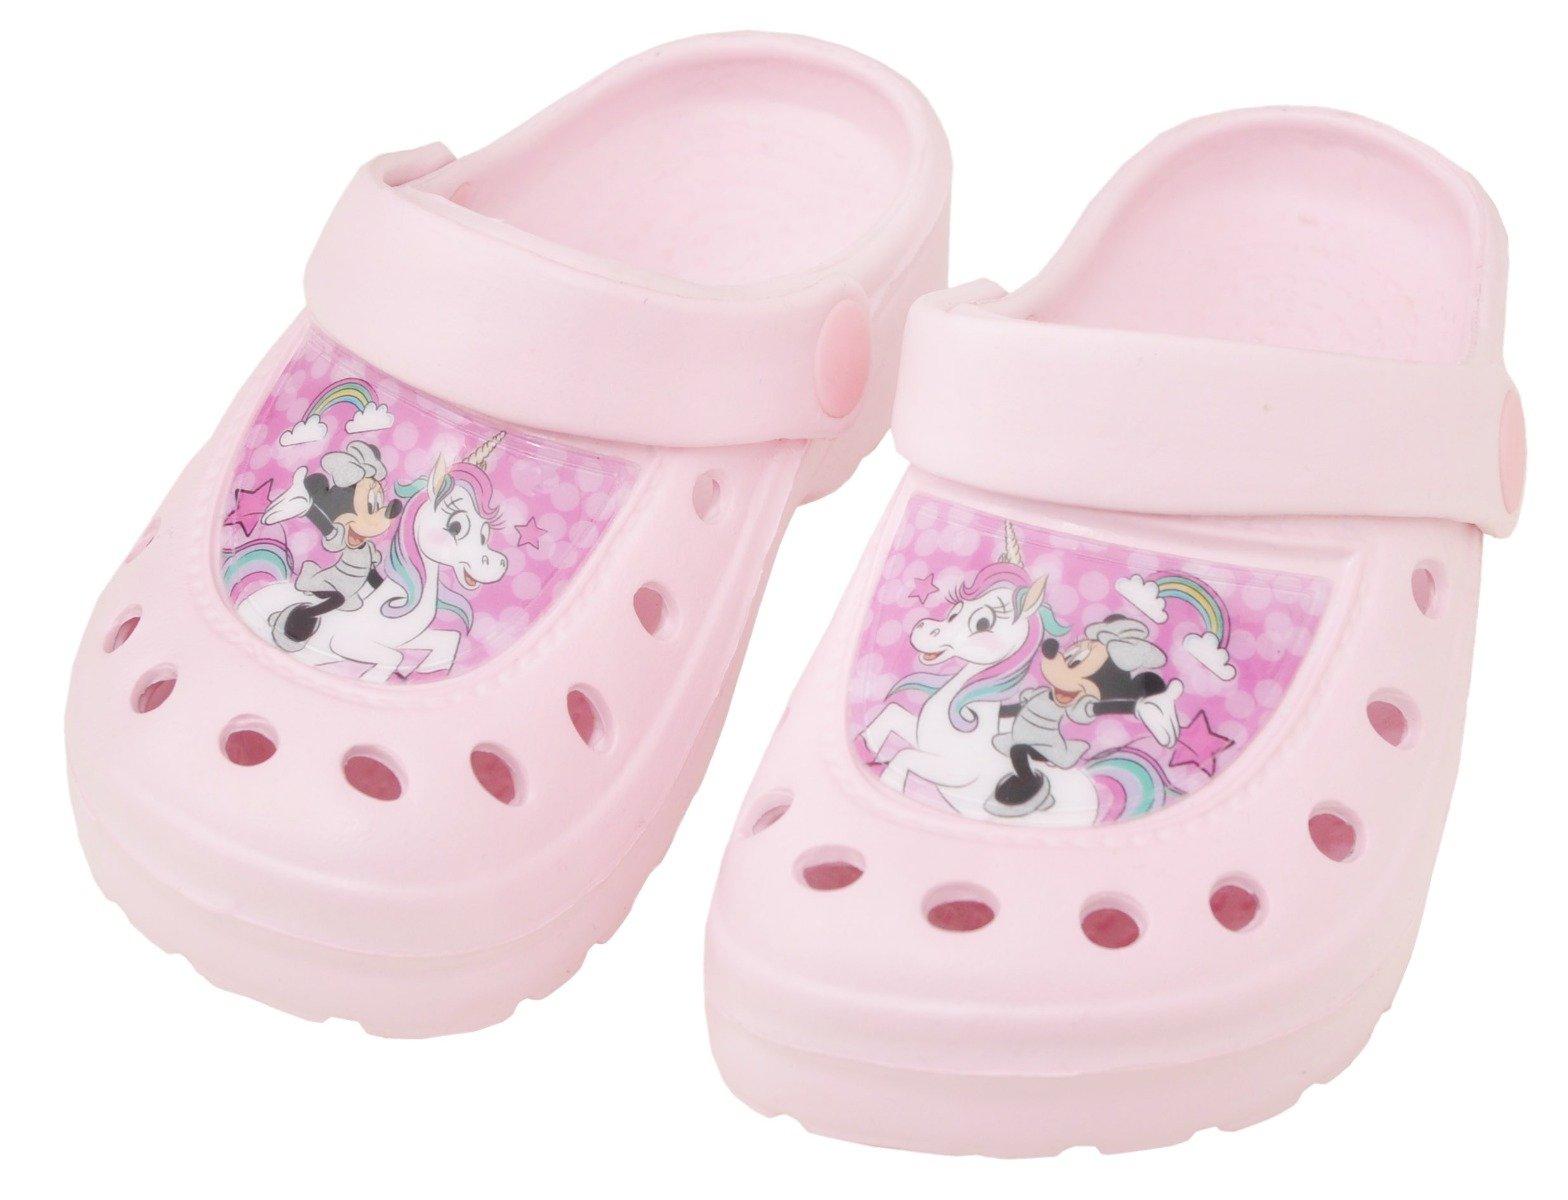 Papuci Disney Minnie Mouse, Roz imagine